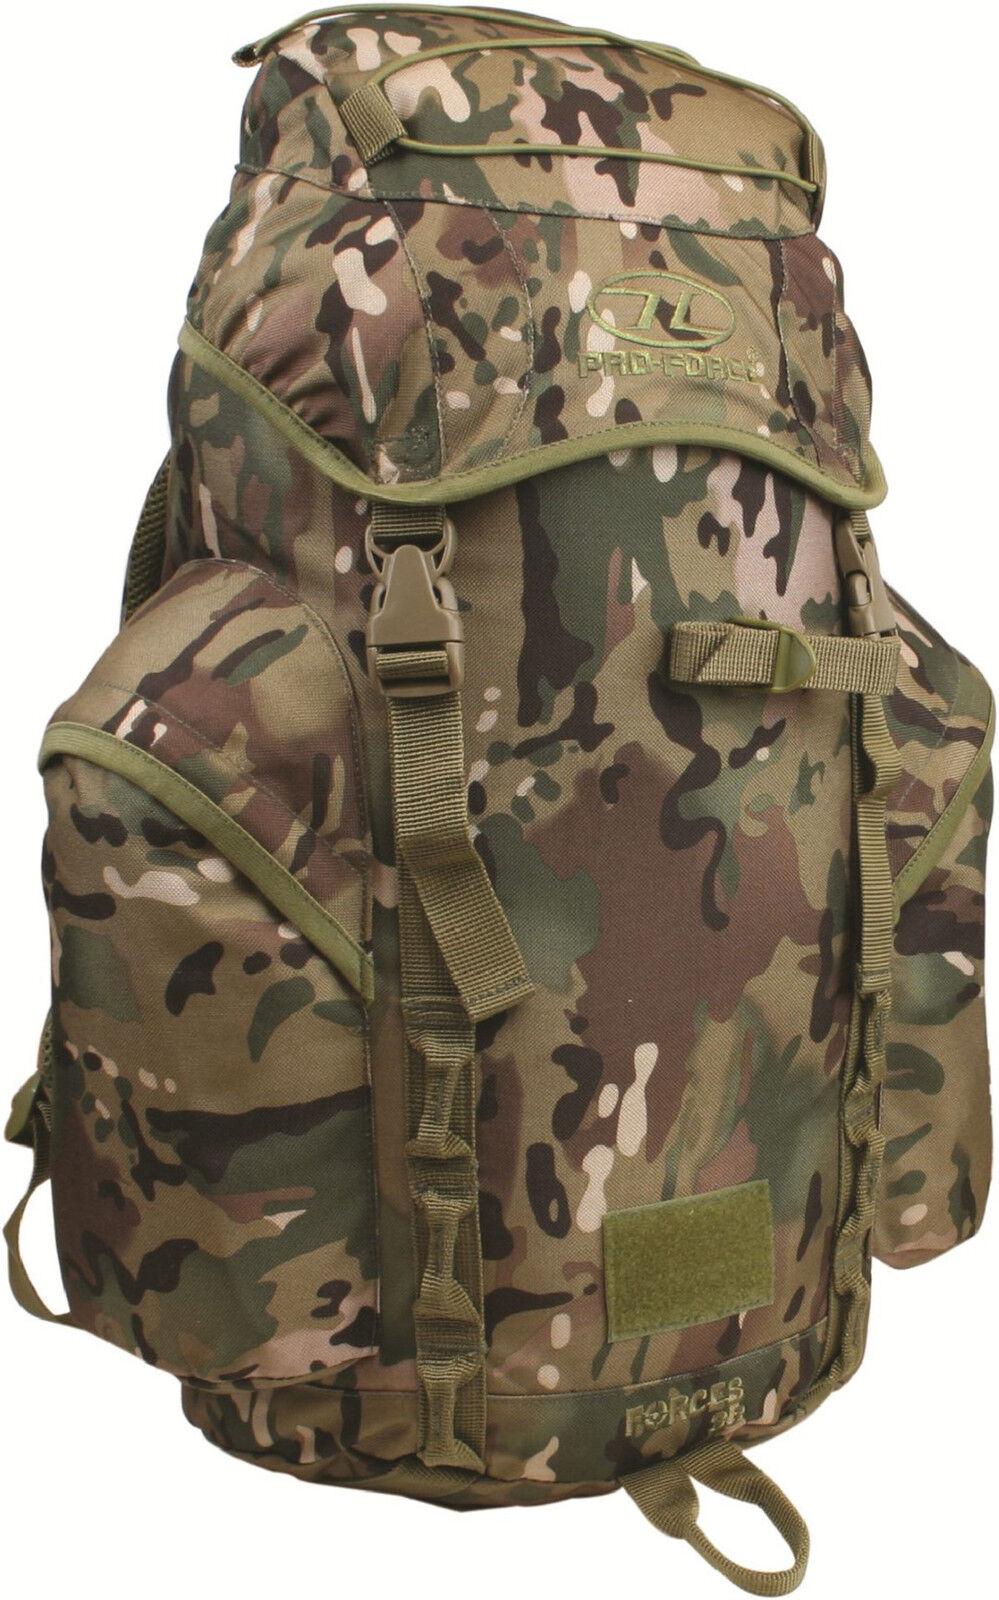 Forces 33 Litre Multicam   HMTC   MTP Rucksack Patrol Pack Bergen ( MTP MOLLE